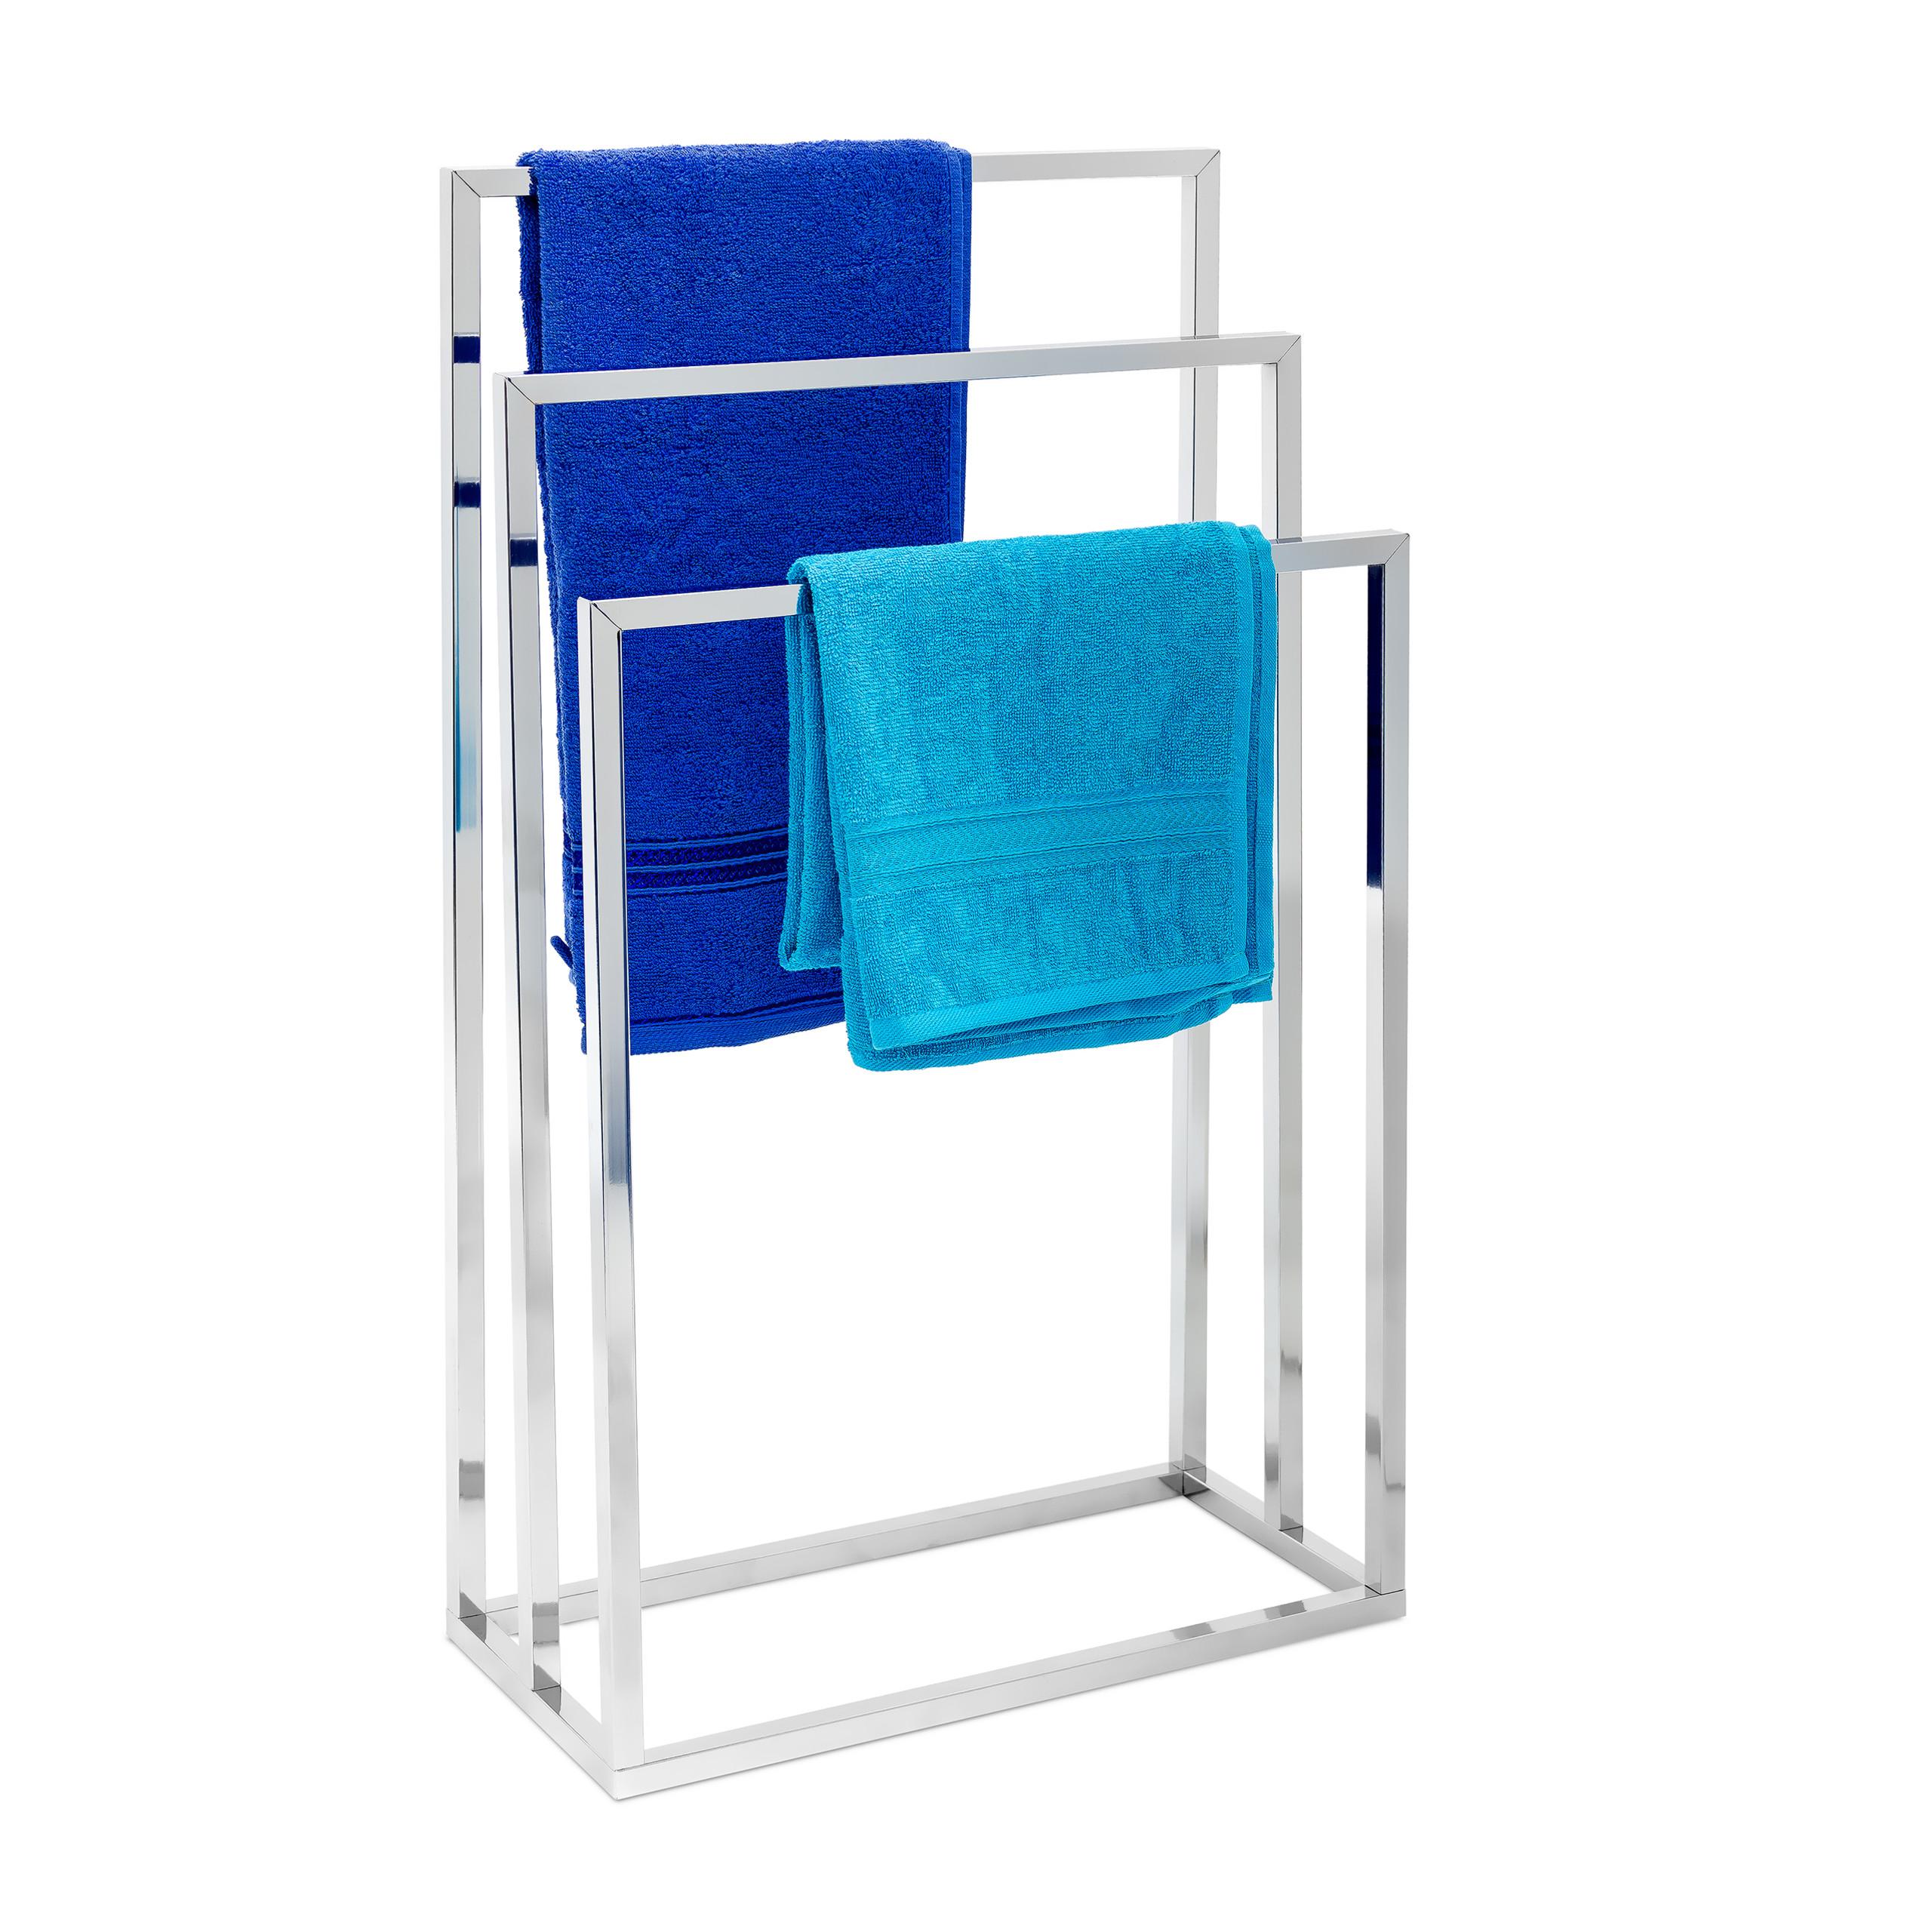 Porte-serviettes-sur-pied-avec-base-antiderapante-3-bras-chromes-en-3-hauteurs